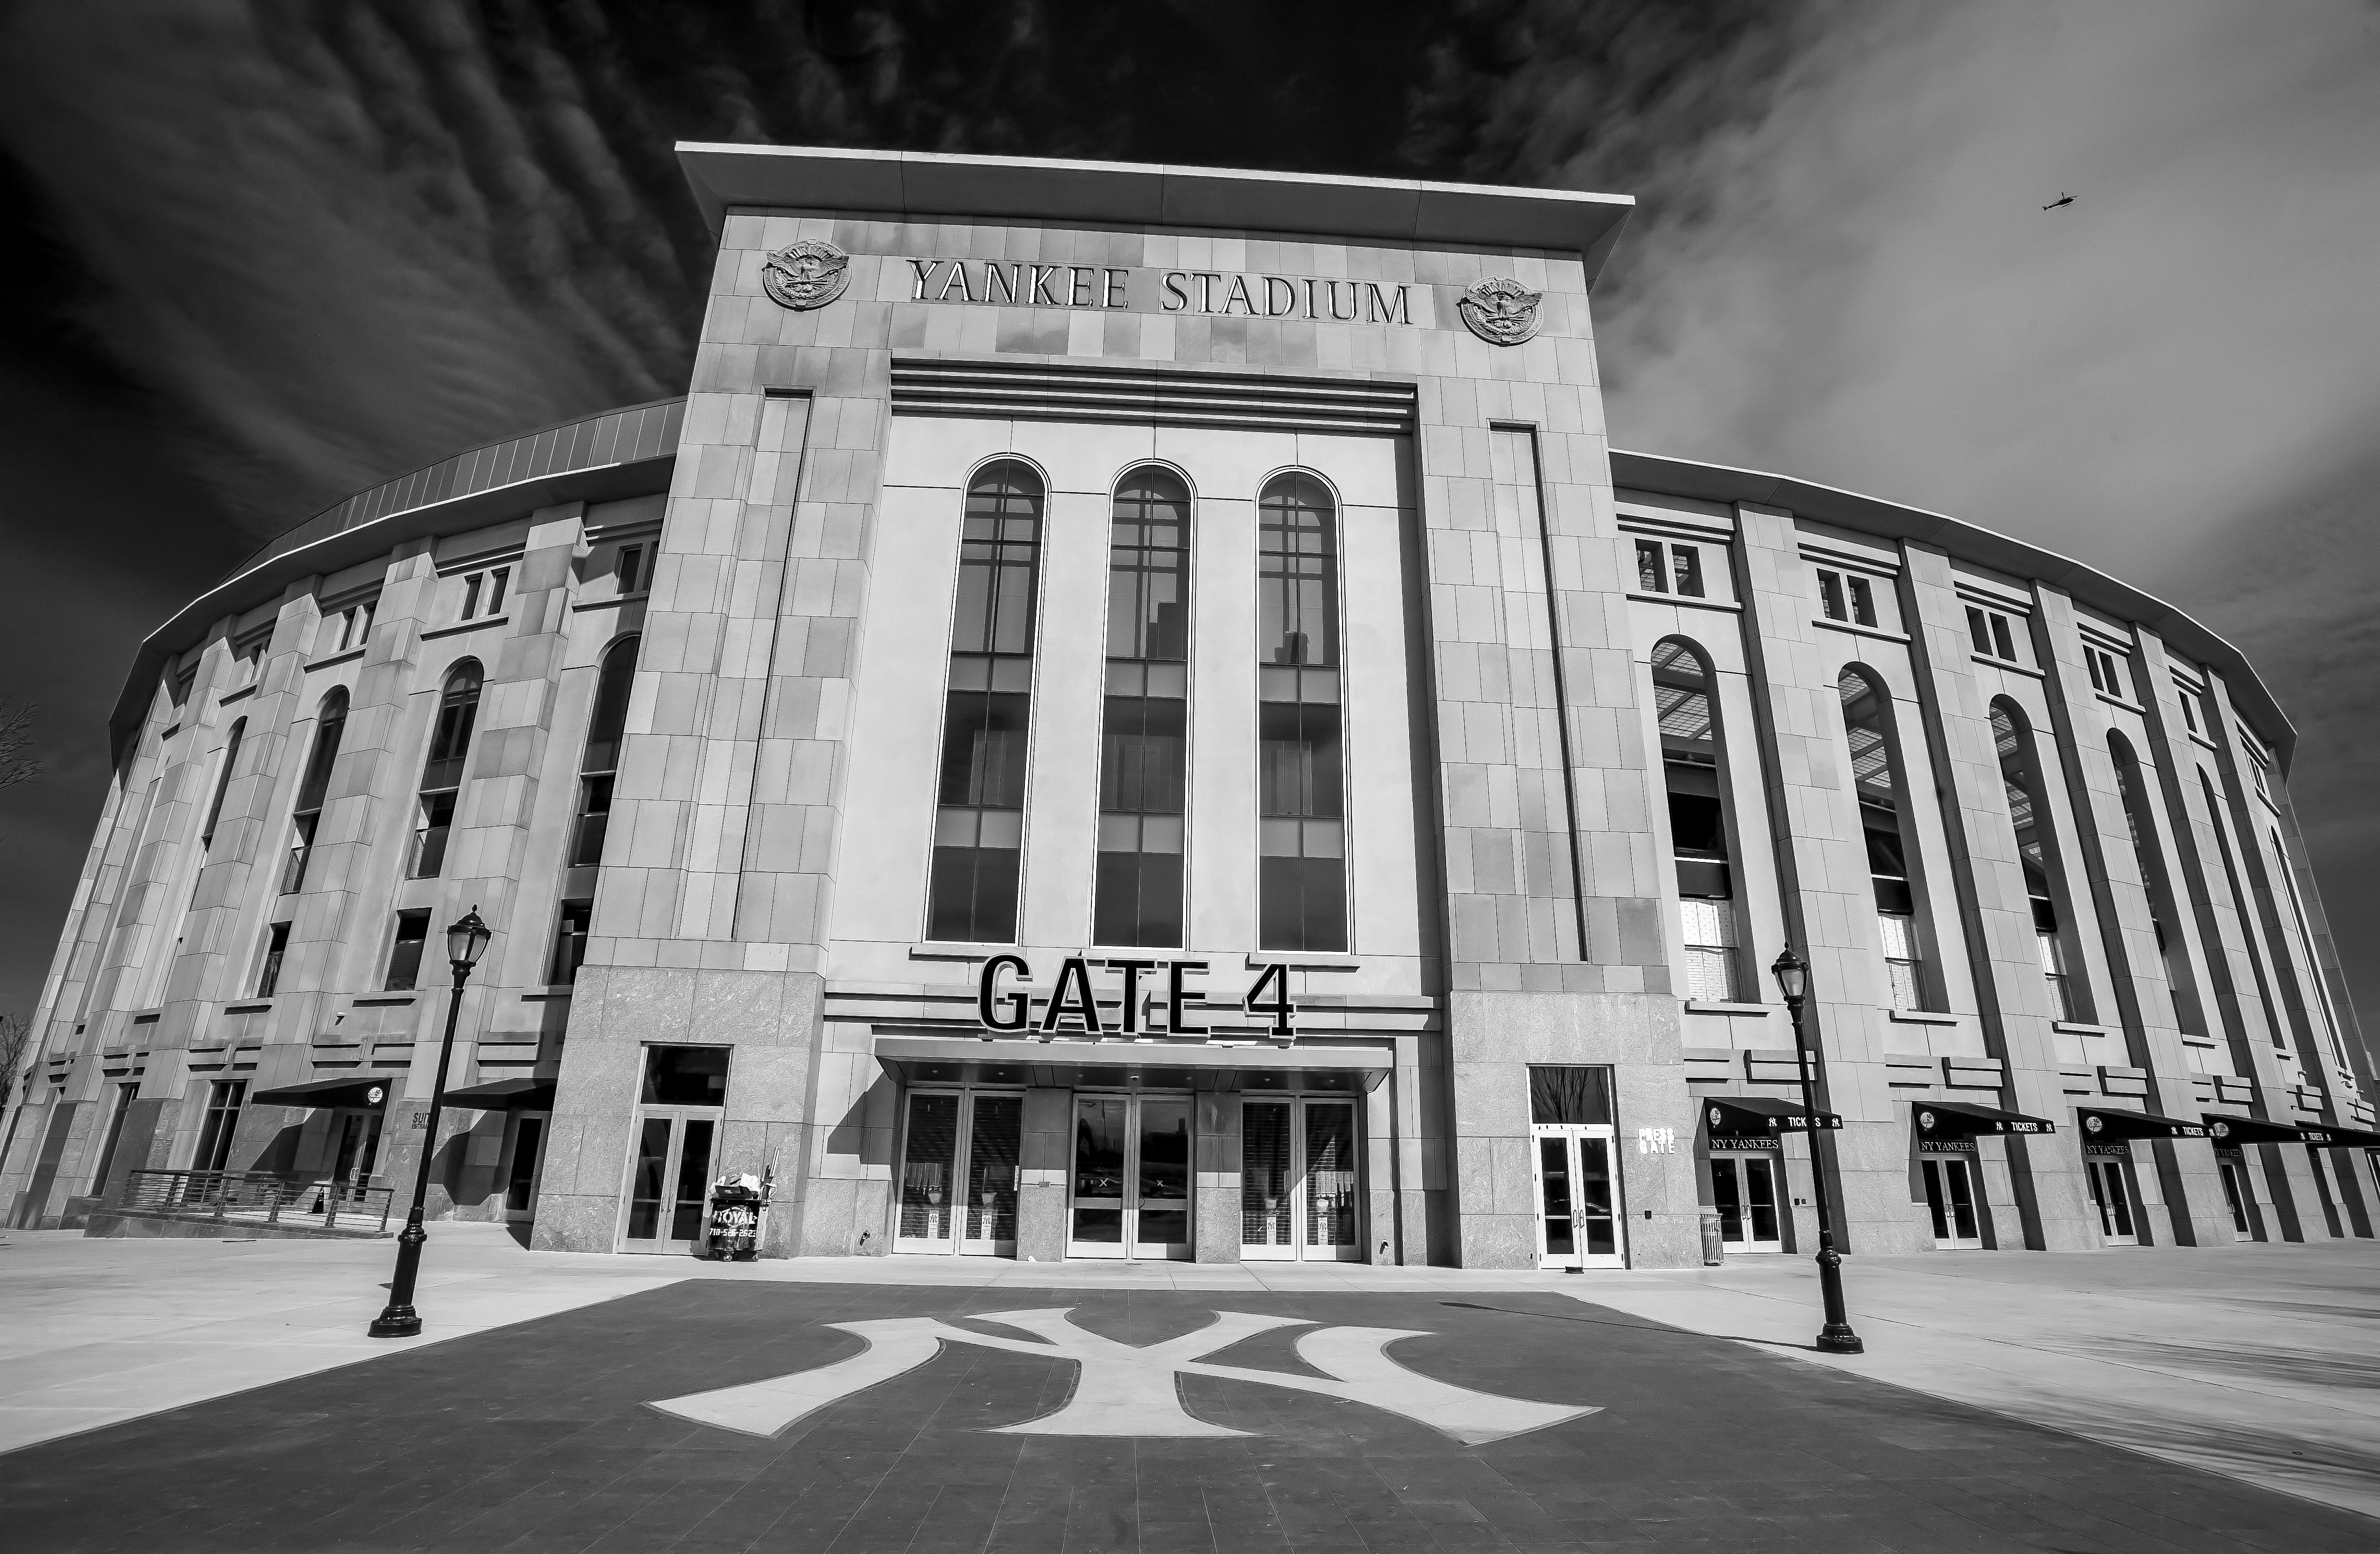 Yankee Stadium - The Empire